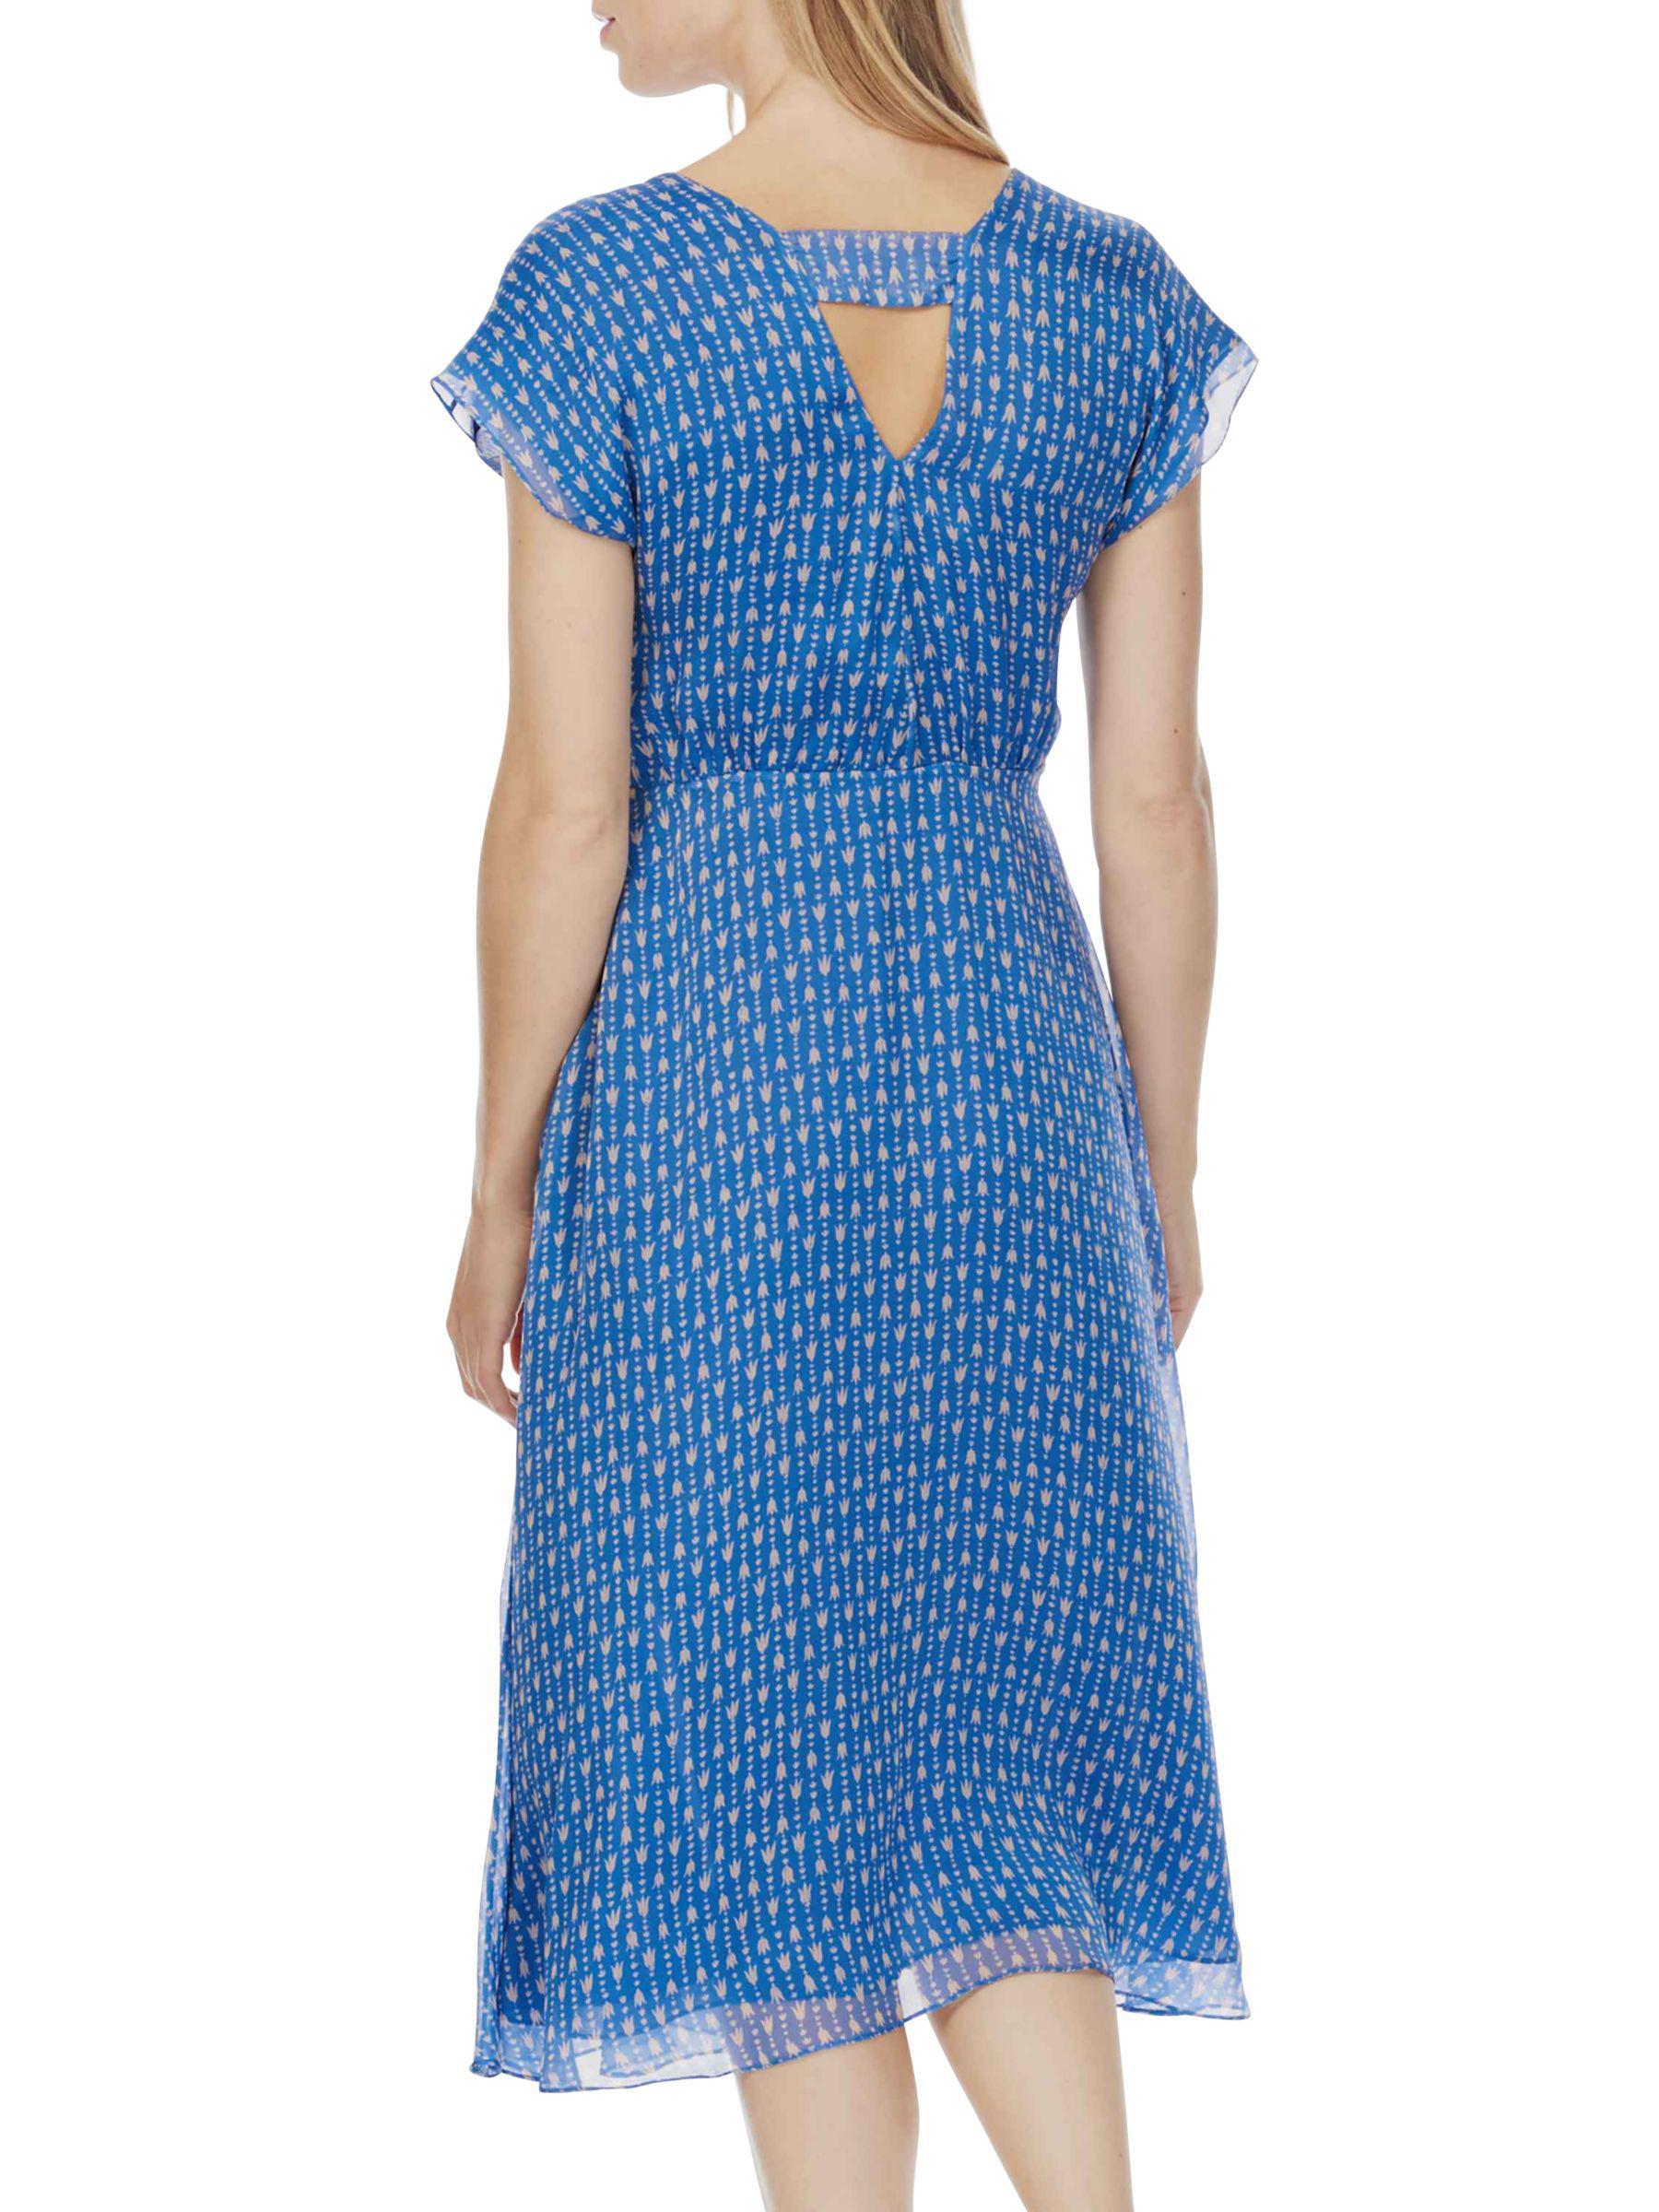 0d0eebaaa7 Brora Tulip Print Silk Chiffon Dress in Blue - Lyst